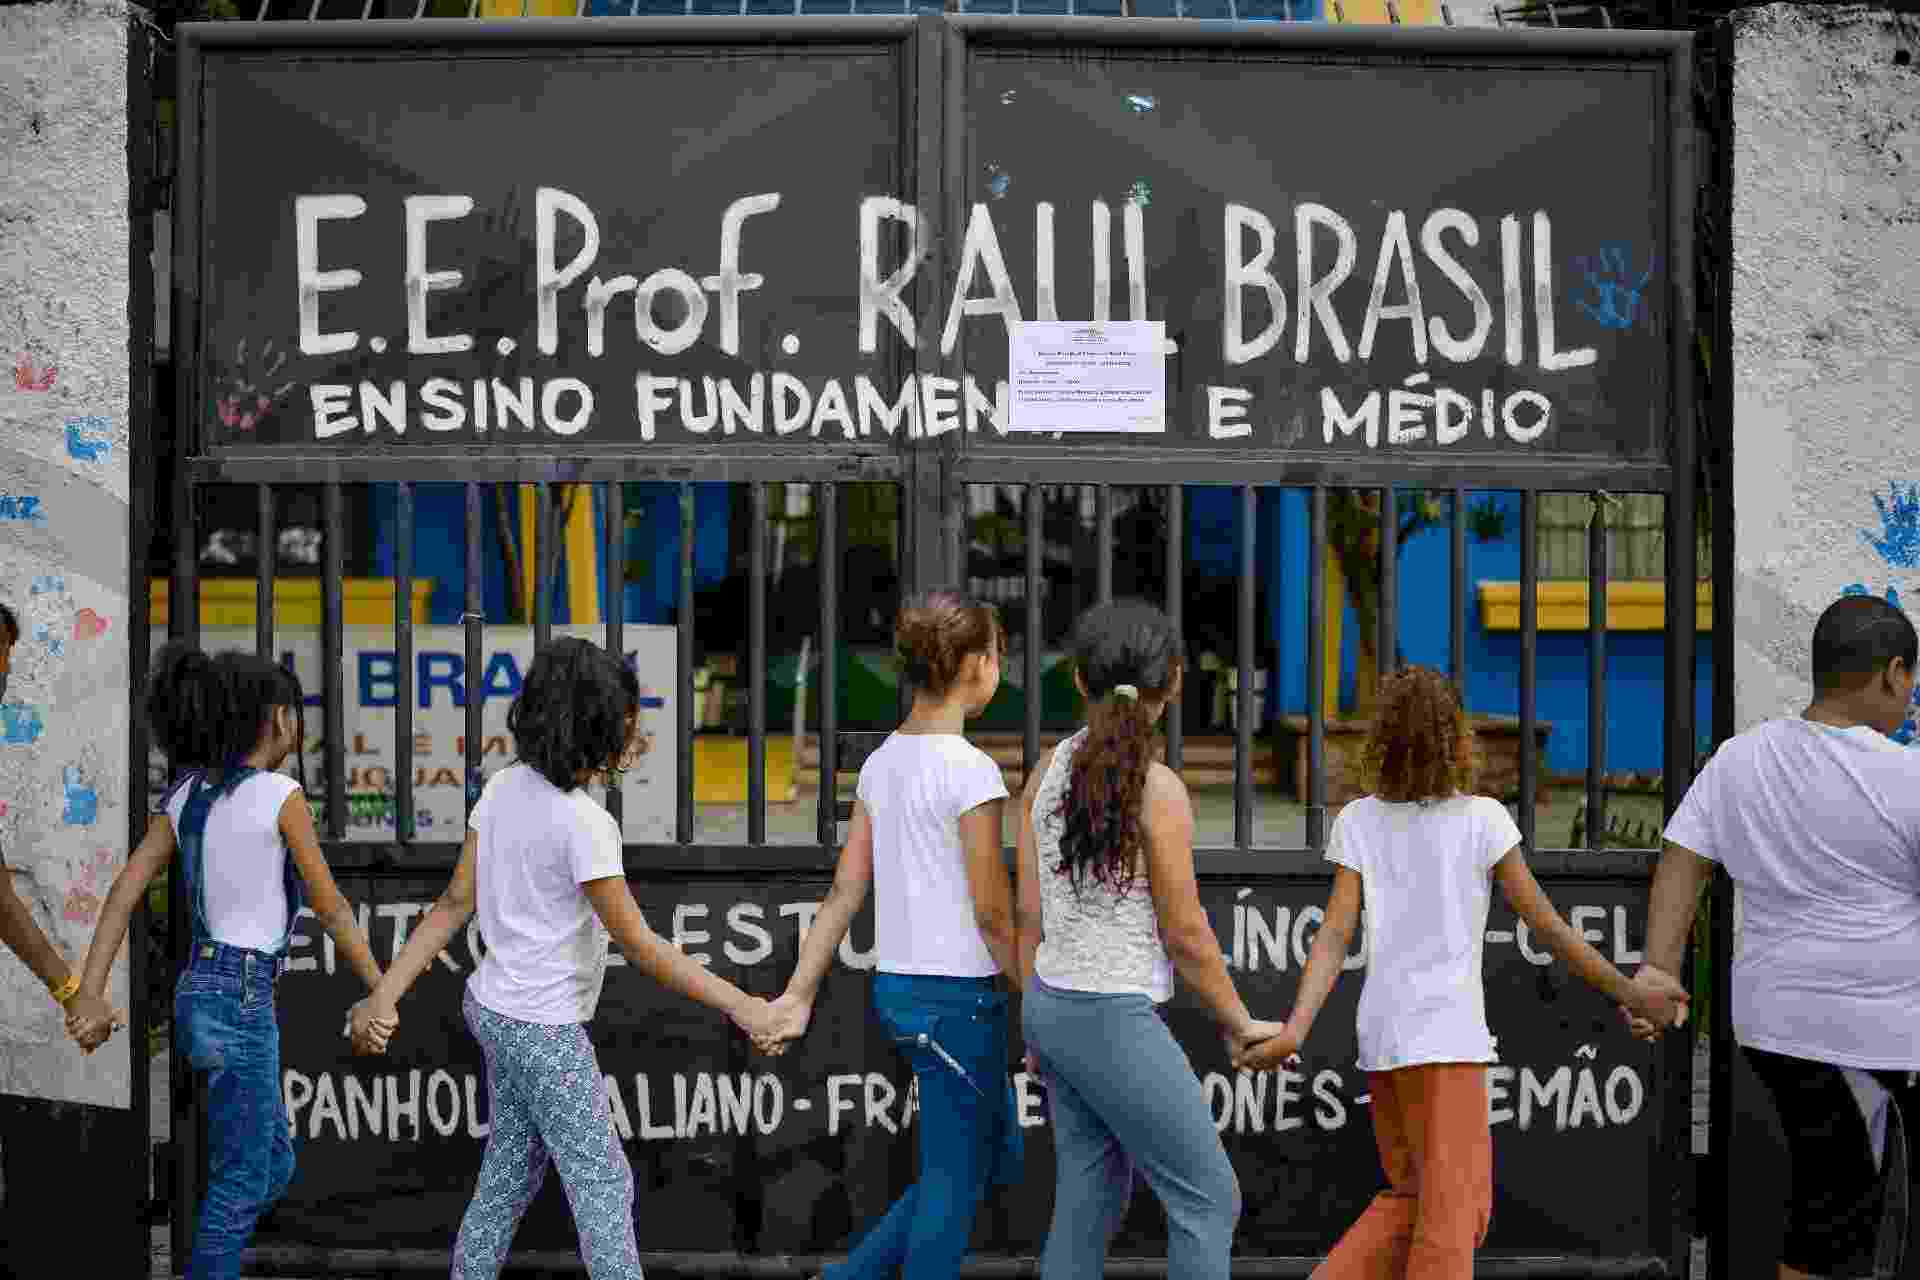 20.mar.2019 - Crianças participam de abraço coletivo no prédio da escola estadual Raul Brasil, em Suzano, que foi palco de um massacre há uma semana - Julien Pereira/Fotoarena/Estadão Conteúdo